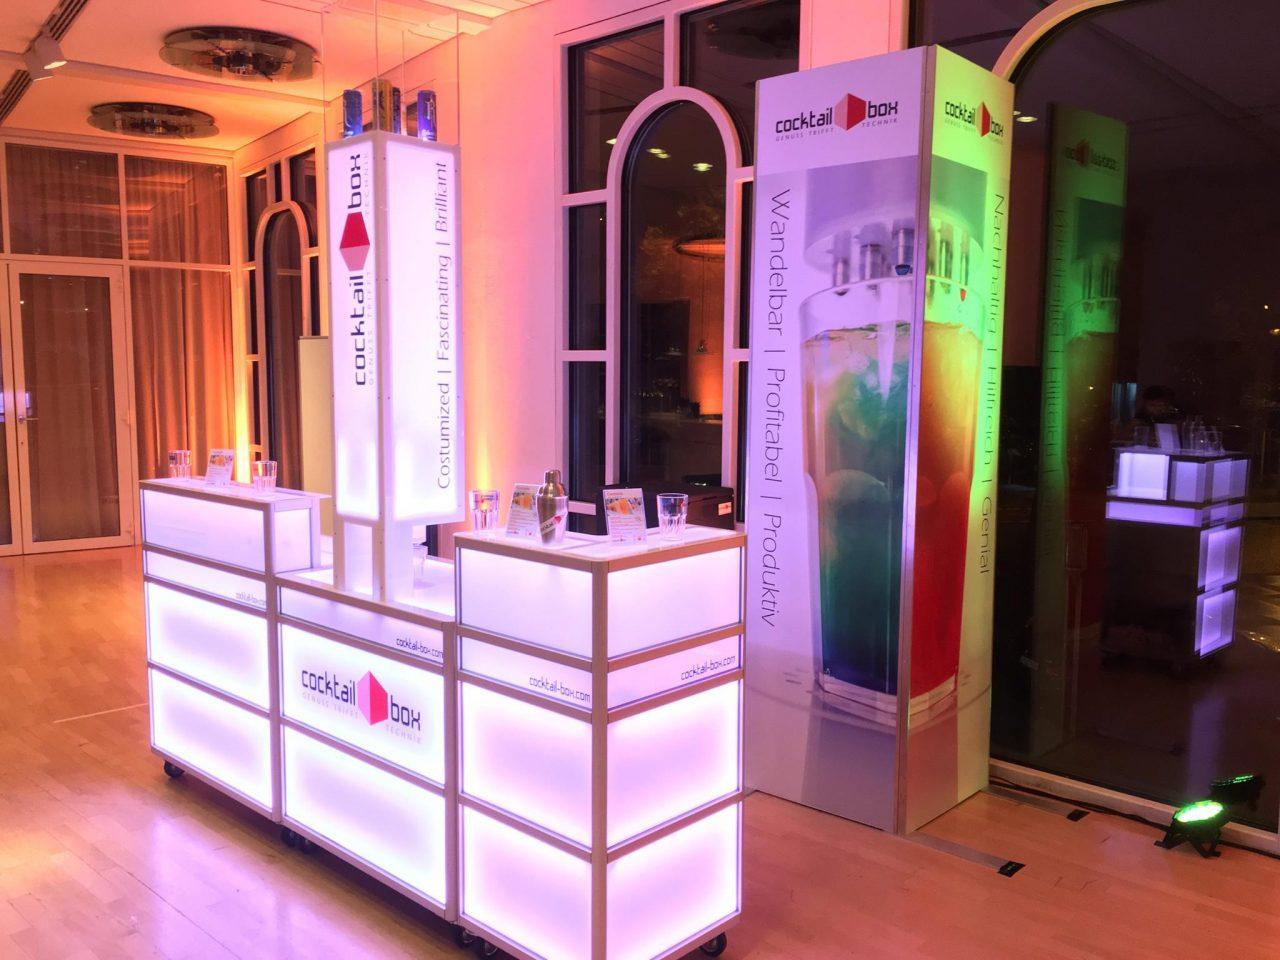 Eine-der-2-cocktail-box-Bars-mit-gläsernem-Aufsatz-auf-Tower-zur-Präsentation-von-Relentless-Energy-Dosen-für-perfekten-Wodka-Energy-beim-FAMAB-Award-2016-in-Ludwigsburg2